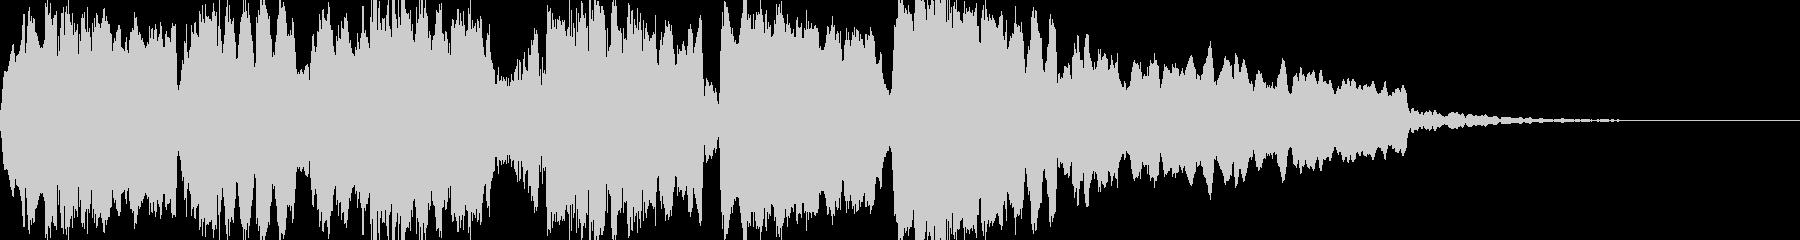 尺八をことのアルペジオでの未再生の波形